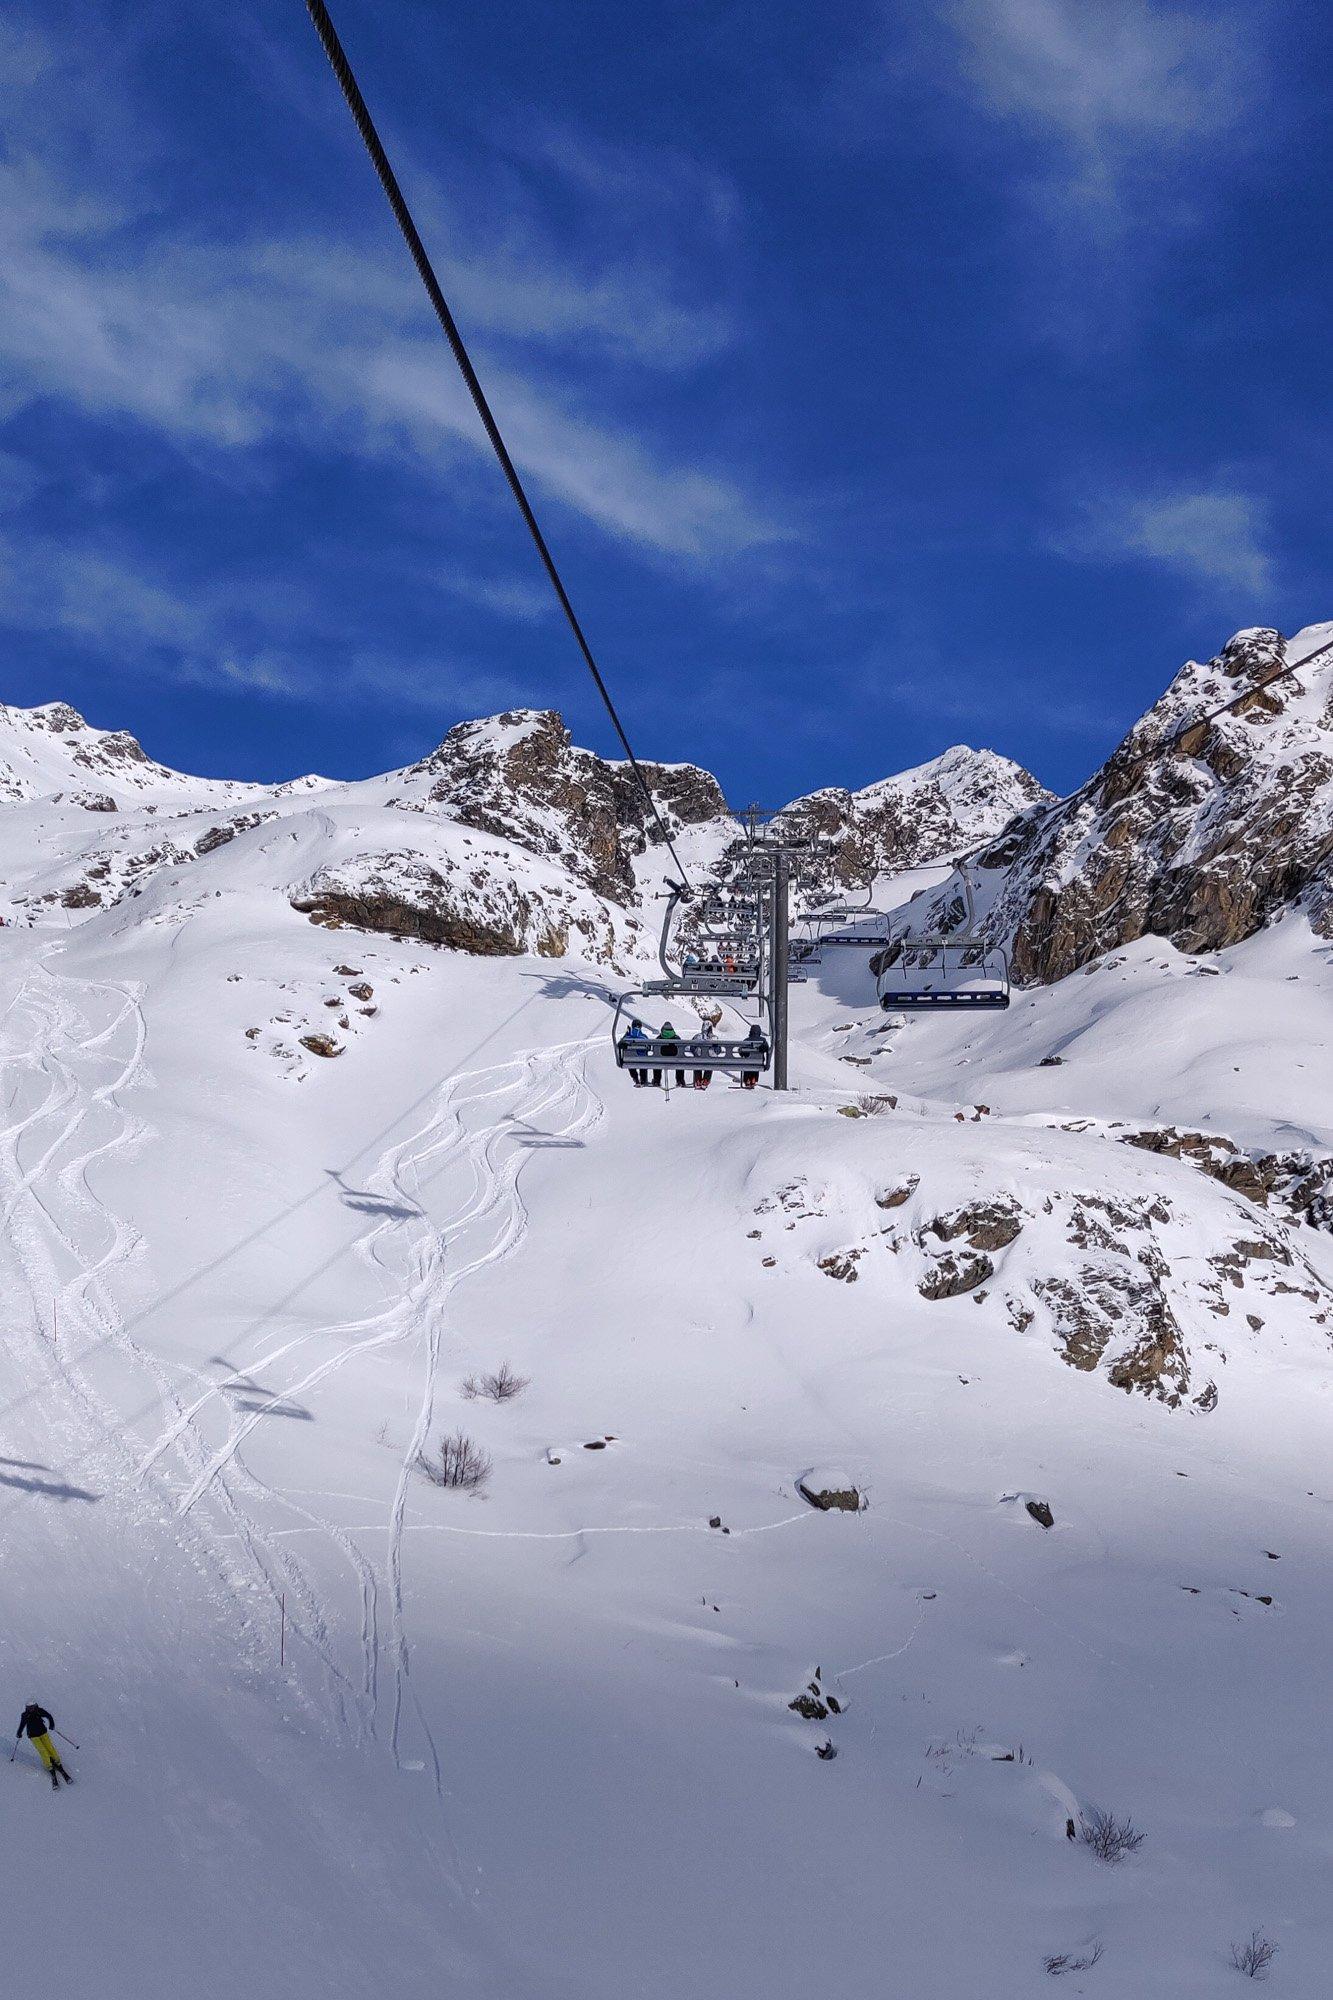 Skiing in Orelle, 3 Vallees